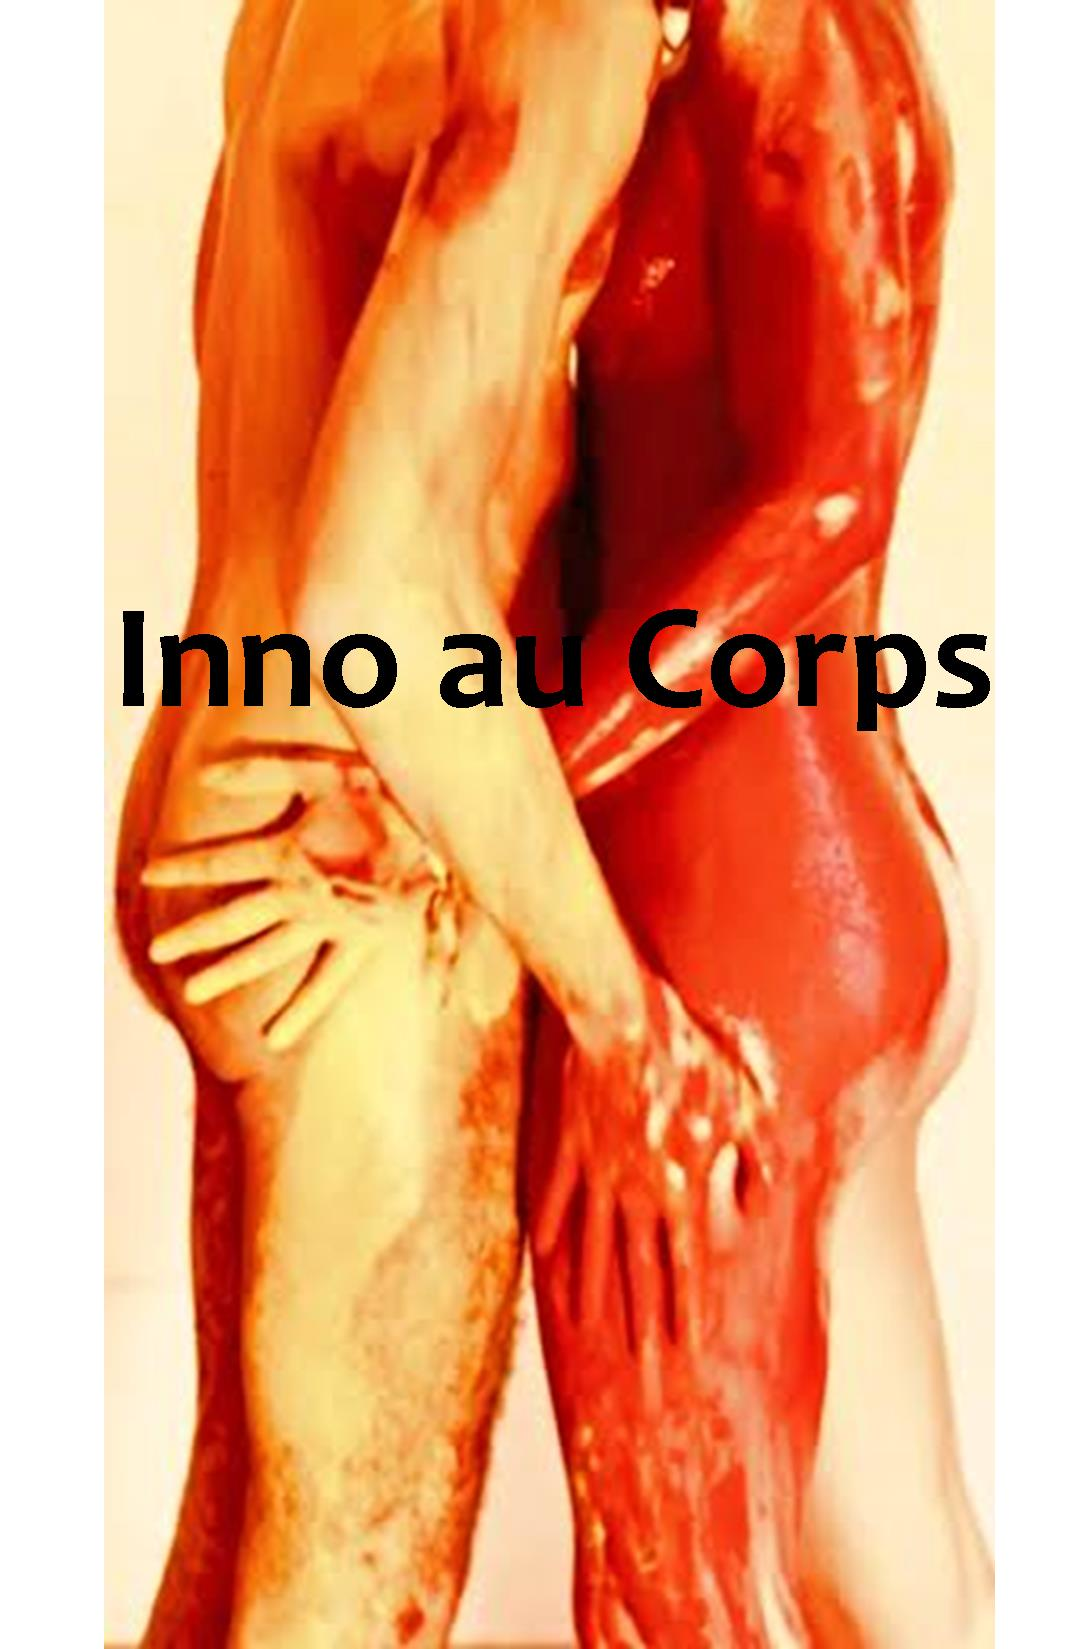 Atame ARS - Inno au corps - 2e